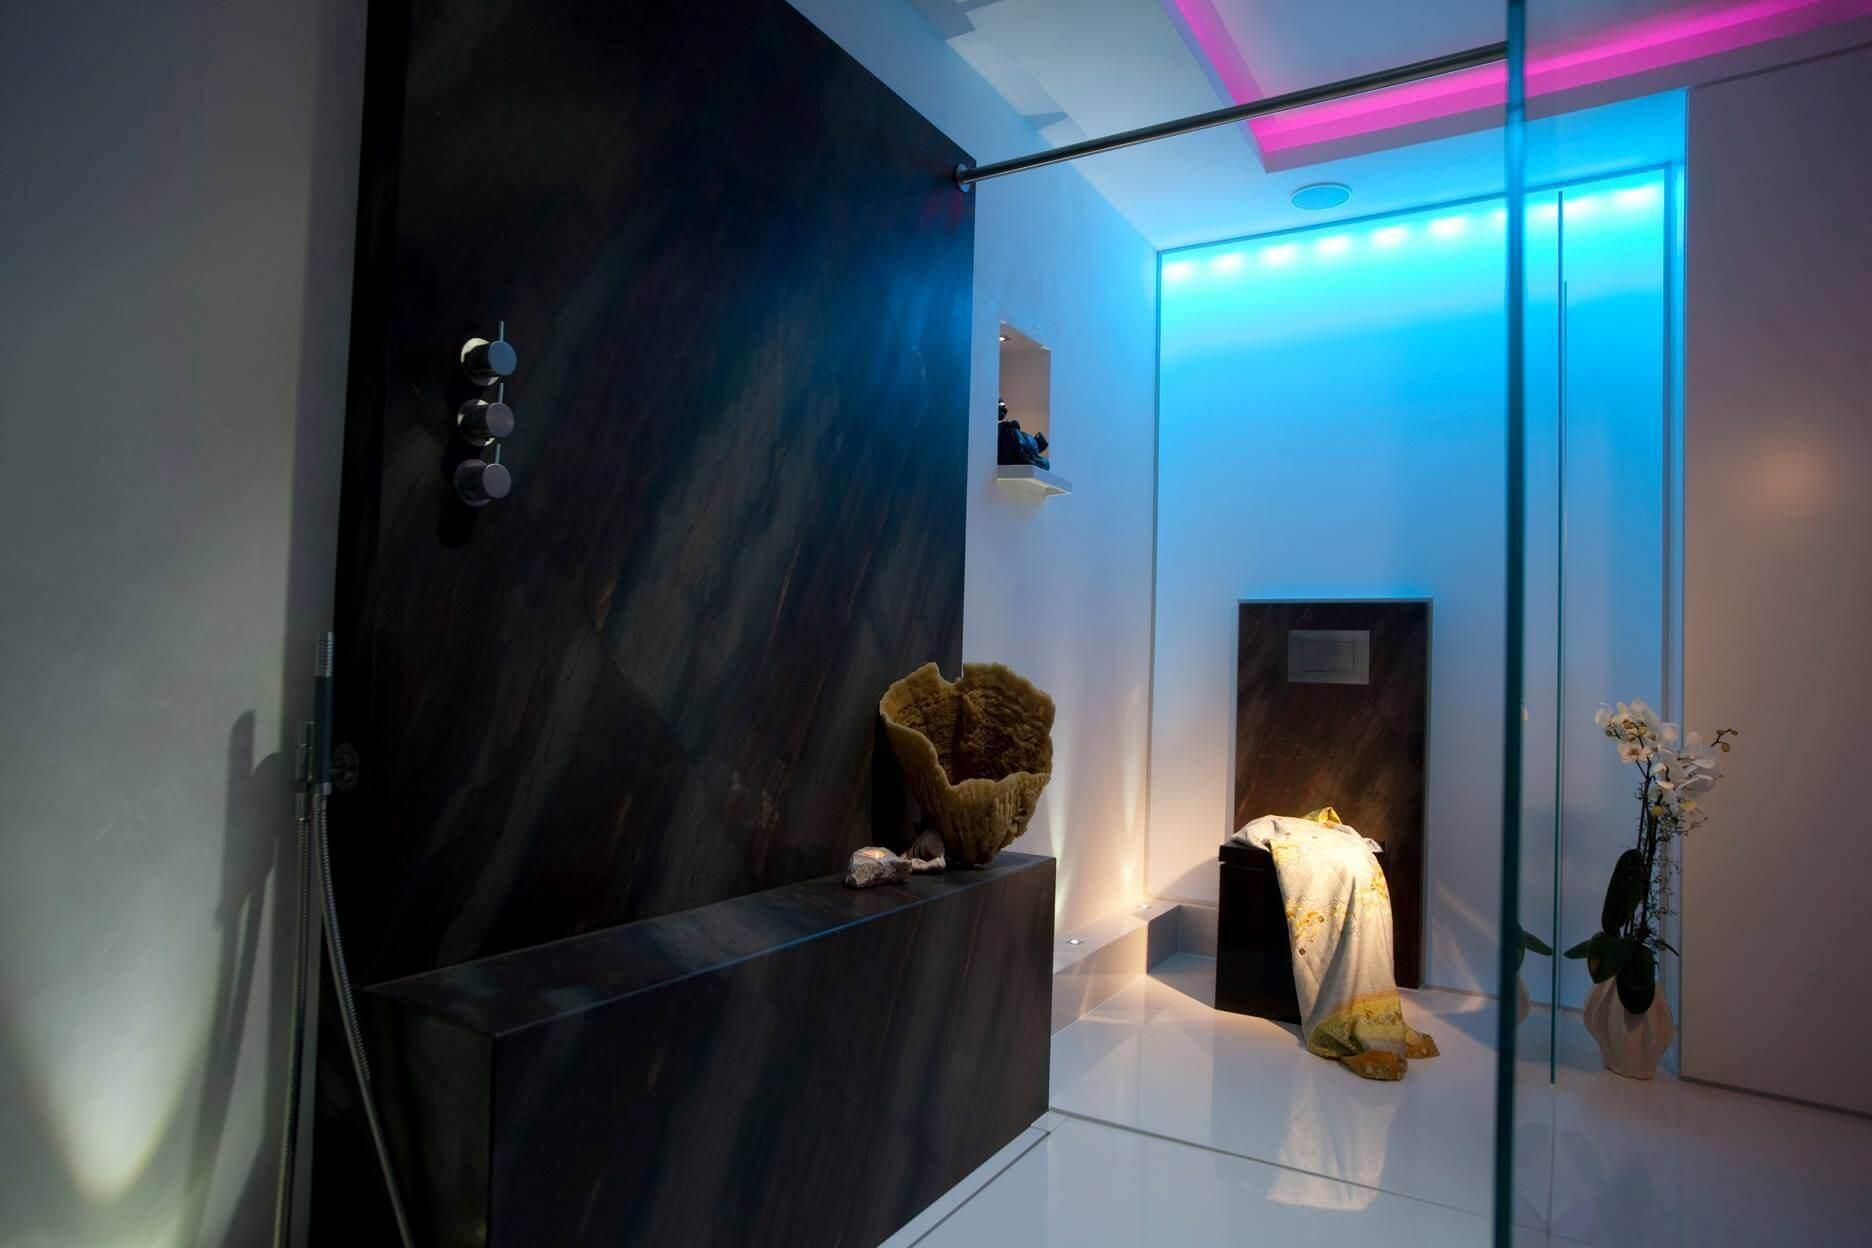 Die Bad Design Ideen vom Badplaner Torsten Müller umfassten für dieses Design Bad: Ein schwarzes WC als exklusiven Akzent im Bad eine beheizte Sitzbank in der Dusche zum barrierefreien Duschen Accessoires von Vola Edelstahl gebürstet für einen modernen Eindruck indirekte Beleuchtung durch Lichtvoute und LED RGB hinter einer Wand- und Deckenbespannung schlichtes Baddesign in der Detailplanung, um ein meditatives Badambiente zu erzeugen. Die natürliche Leidenschaft für Stein kommt auch beim Badezimmer planen in dieser Badgestaltung durch die Verwendung des Naturmaterials von Antolini Verona, das auch in der Badezimmerausstellung der Bäder München zu sehen ist, zum Ausdruck. Ein harmonisches Badambiente im Design Bad entstand beim Badezimmer Gestalten durch das Bad Planen mit dem Antolini Naturstein, dessen Bad Muster für beste Badezimmer in der Bäderausstellung in Bonn, Köln, Bad Honnef oder Düsseldorf vorhanden sind. Anstatt auf eine Design Badewanne fiel die Wahl bei der Badezimmer Design Badgestaltung auf eine Dusche, die Golden Ager sicheres und barrierefreies Duschen ermöglicht. Die Dusch-Sitzbank aus braunem Naturstein aus der Bäderausstellung der Antolini Stone Gallery ist beheizt. Der großzügige Dusch-Bereich im Designer Bad wurde mit 13 Millimeter starken Sicherheitsglas abgetrennt. Eine moderne Vola Kopfbrause verspricht entspannte Momente im Komplettbad unter dem vitalisierenden Wasserstrahl. Best Ager Bad Design